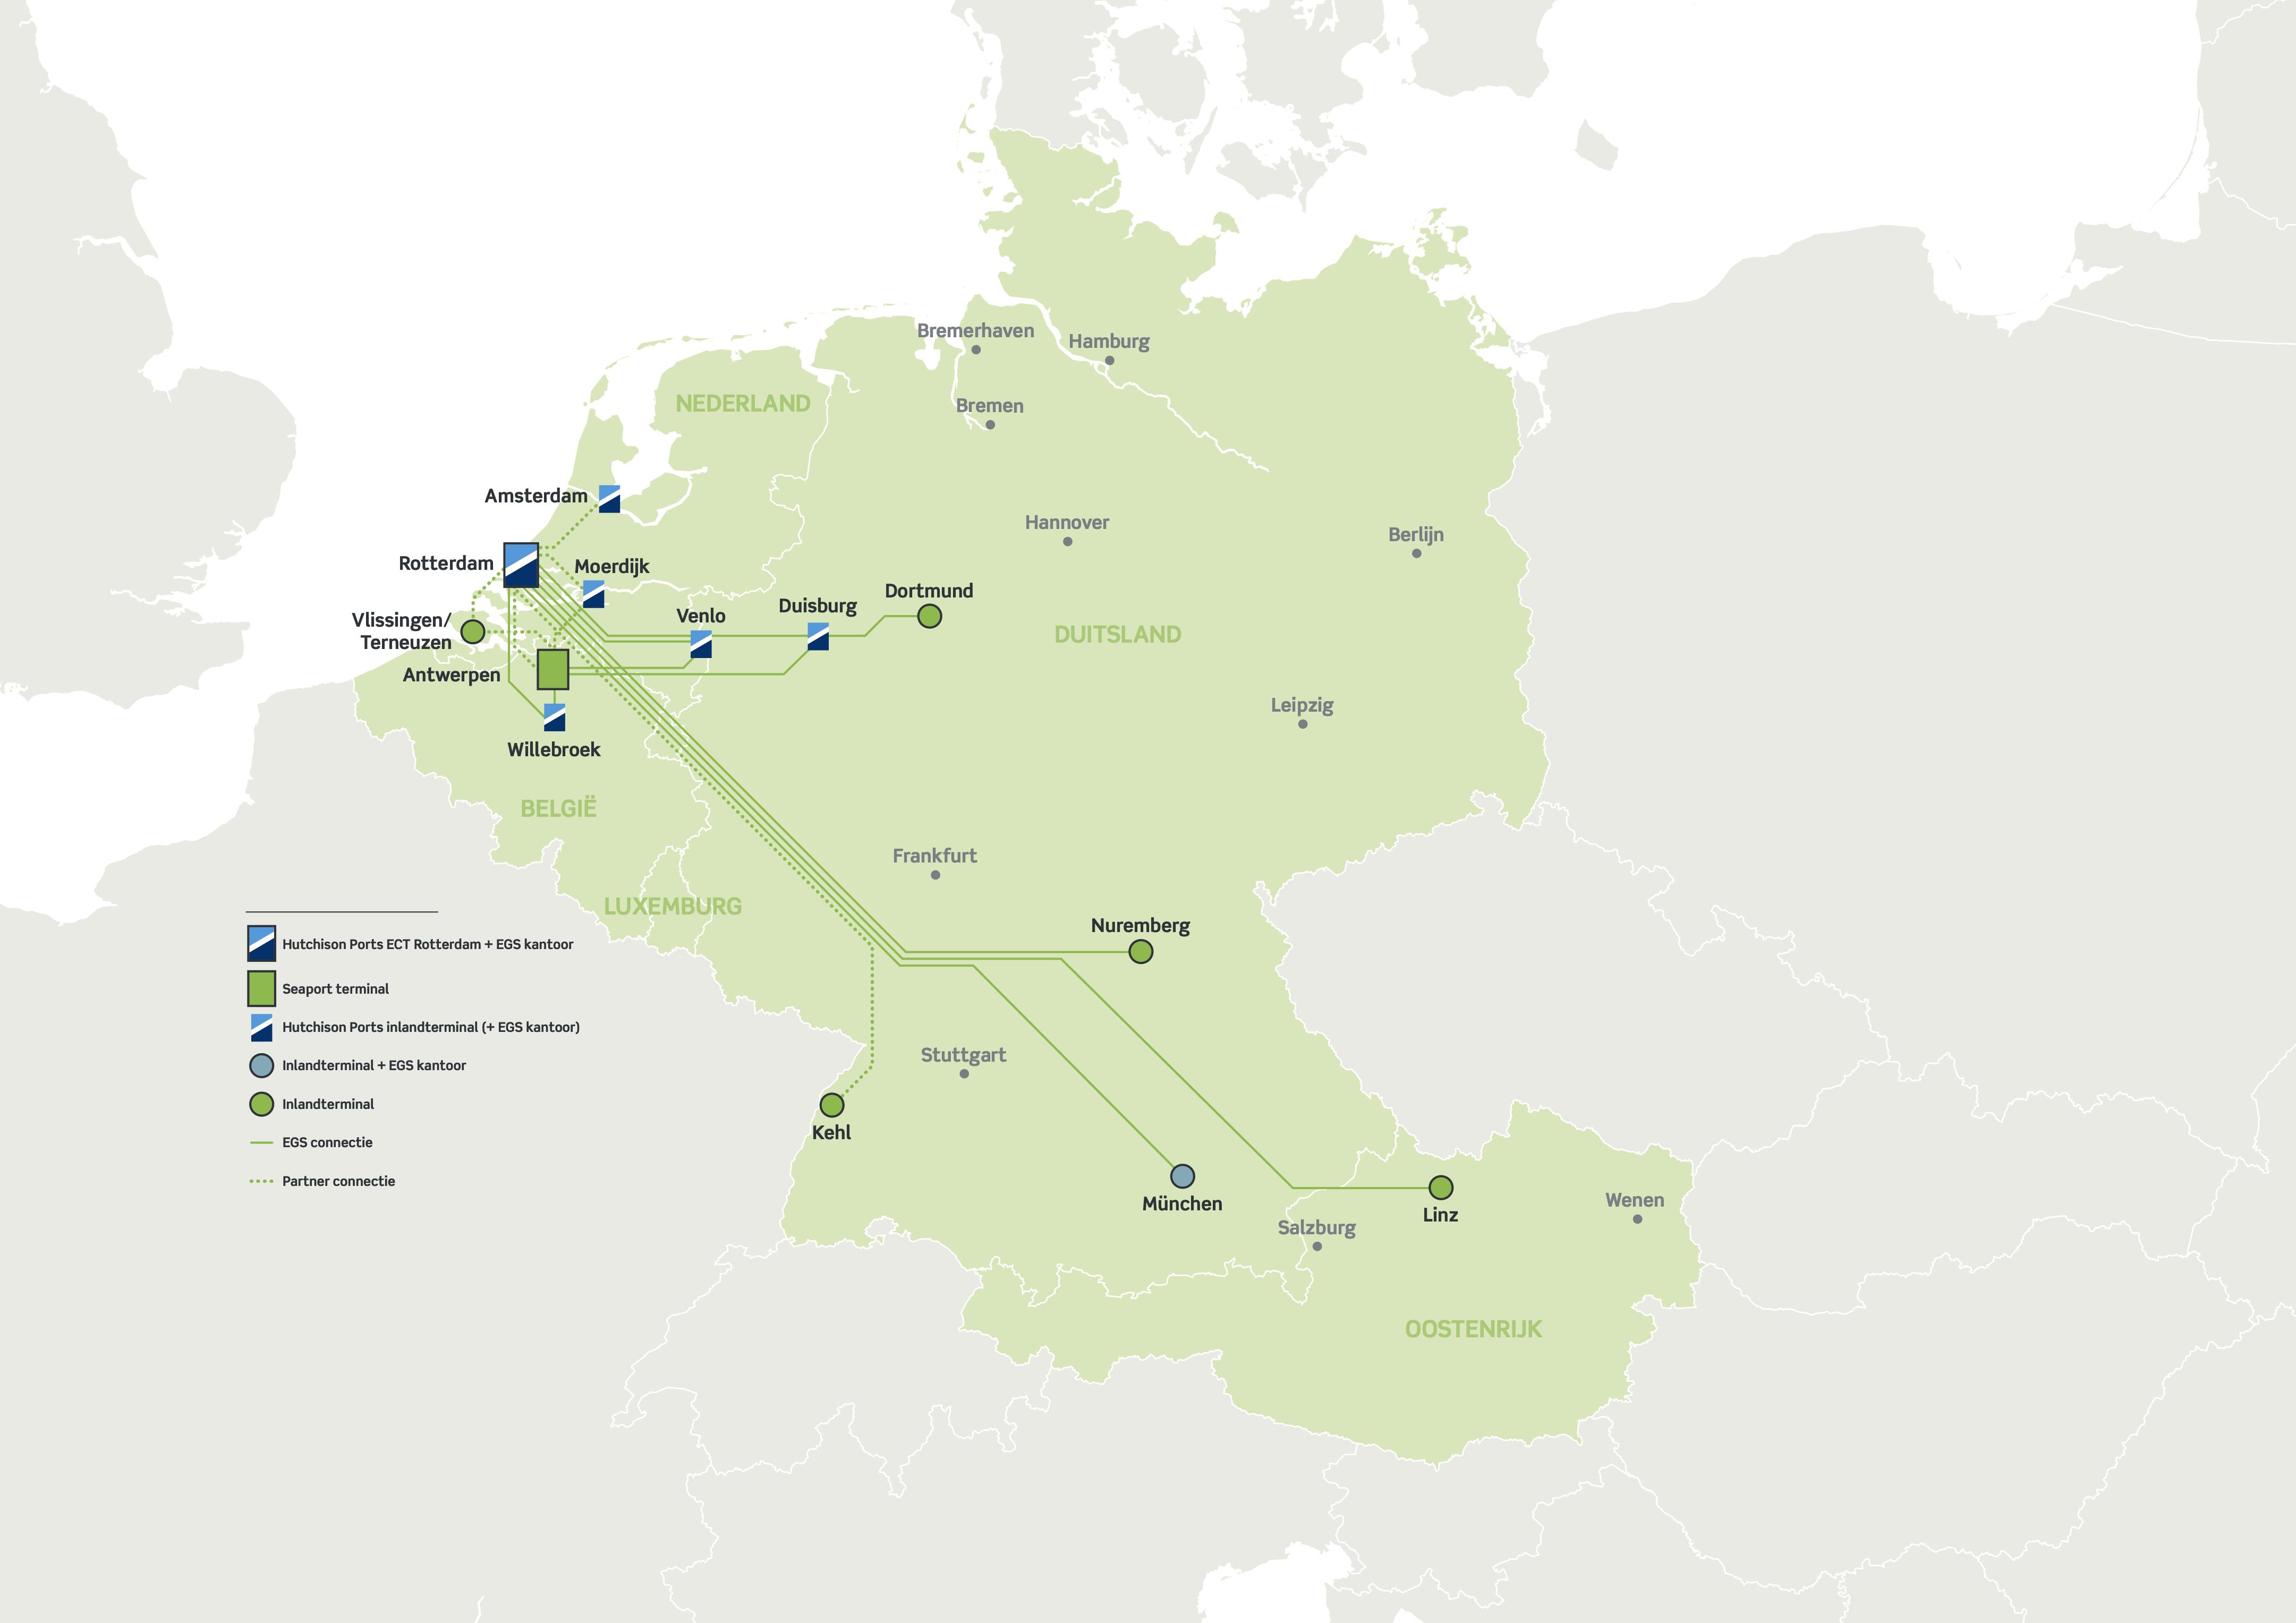 EGS Netwerkkaart_NL